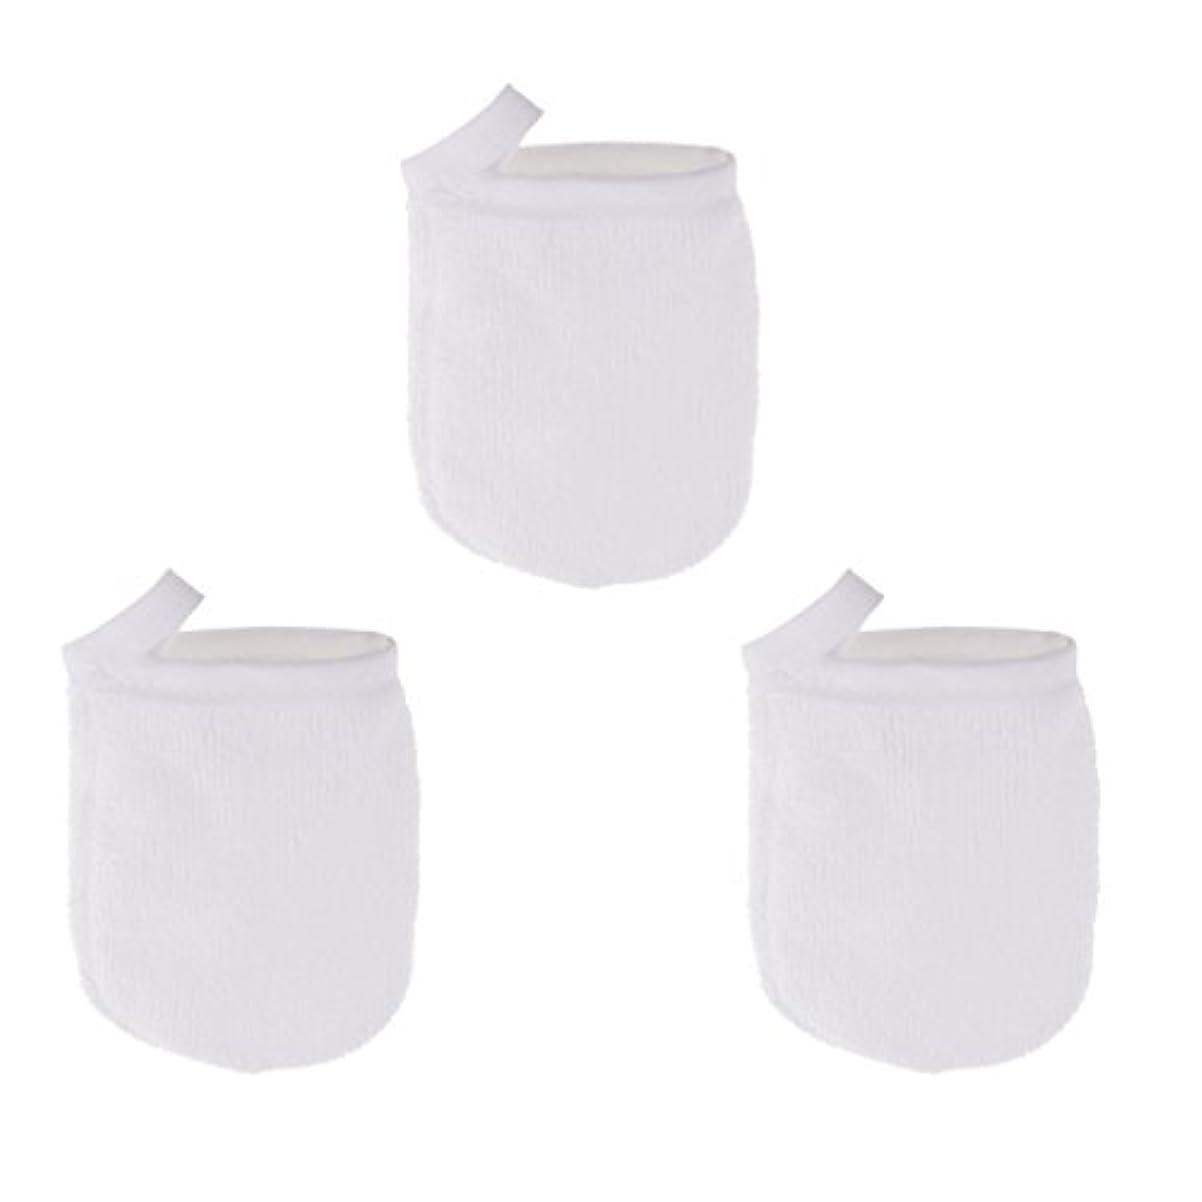 クロールベスビオ山場所Toygogo 洗顔グローブ 手袋 ソフト フェイスクレンジンググローブ メイクリムーバー スキンケア 3個